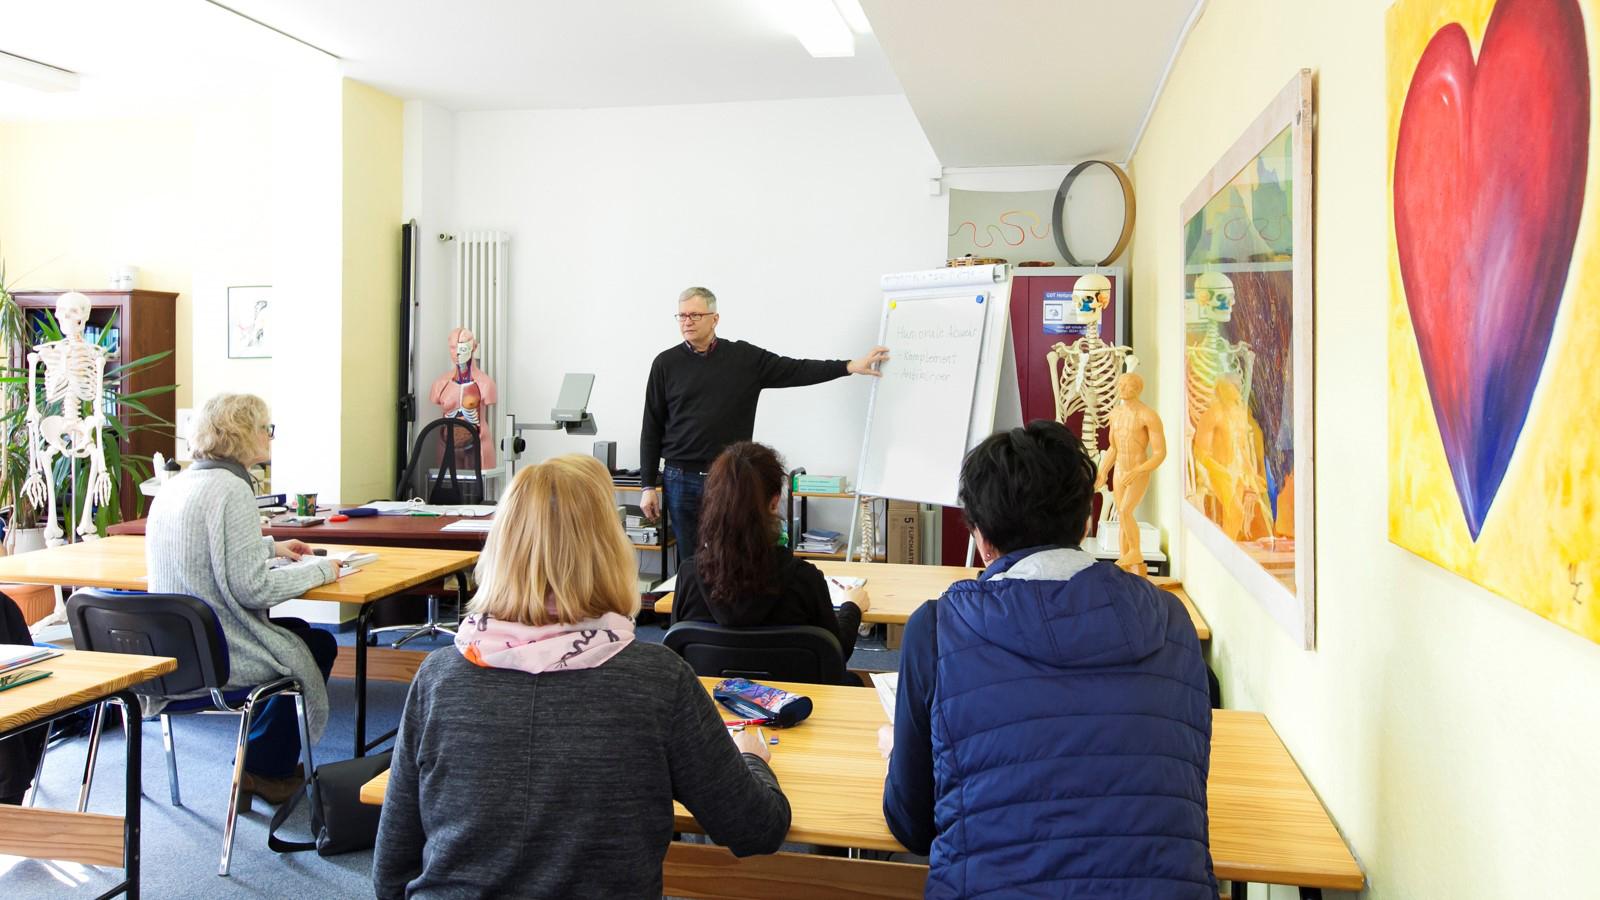 Das Bild zeigt die Schulungsräume der GDT Heilpraktikerschule